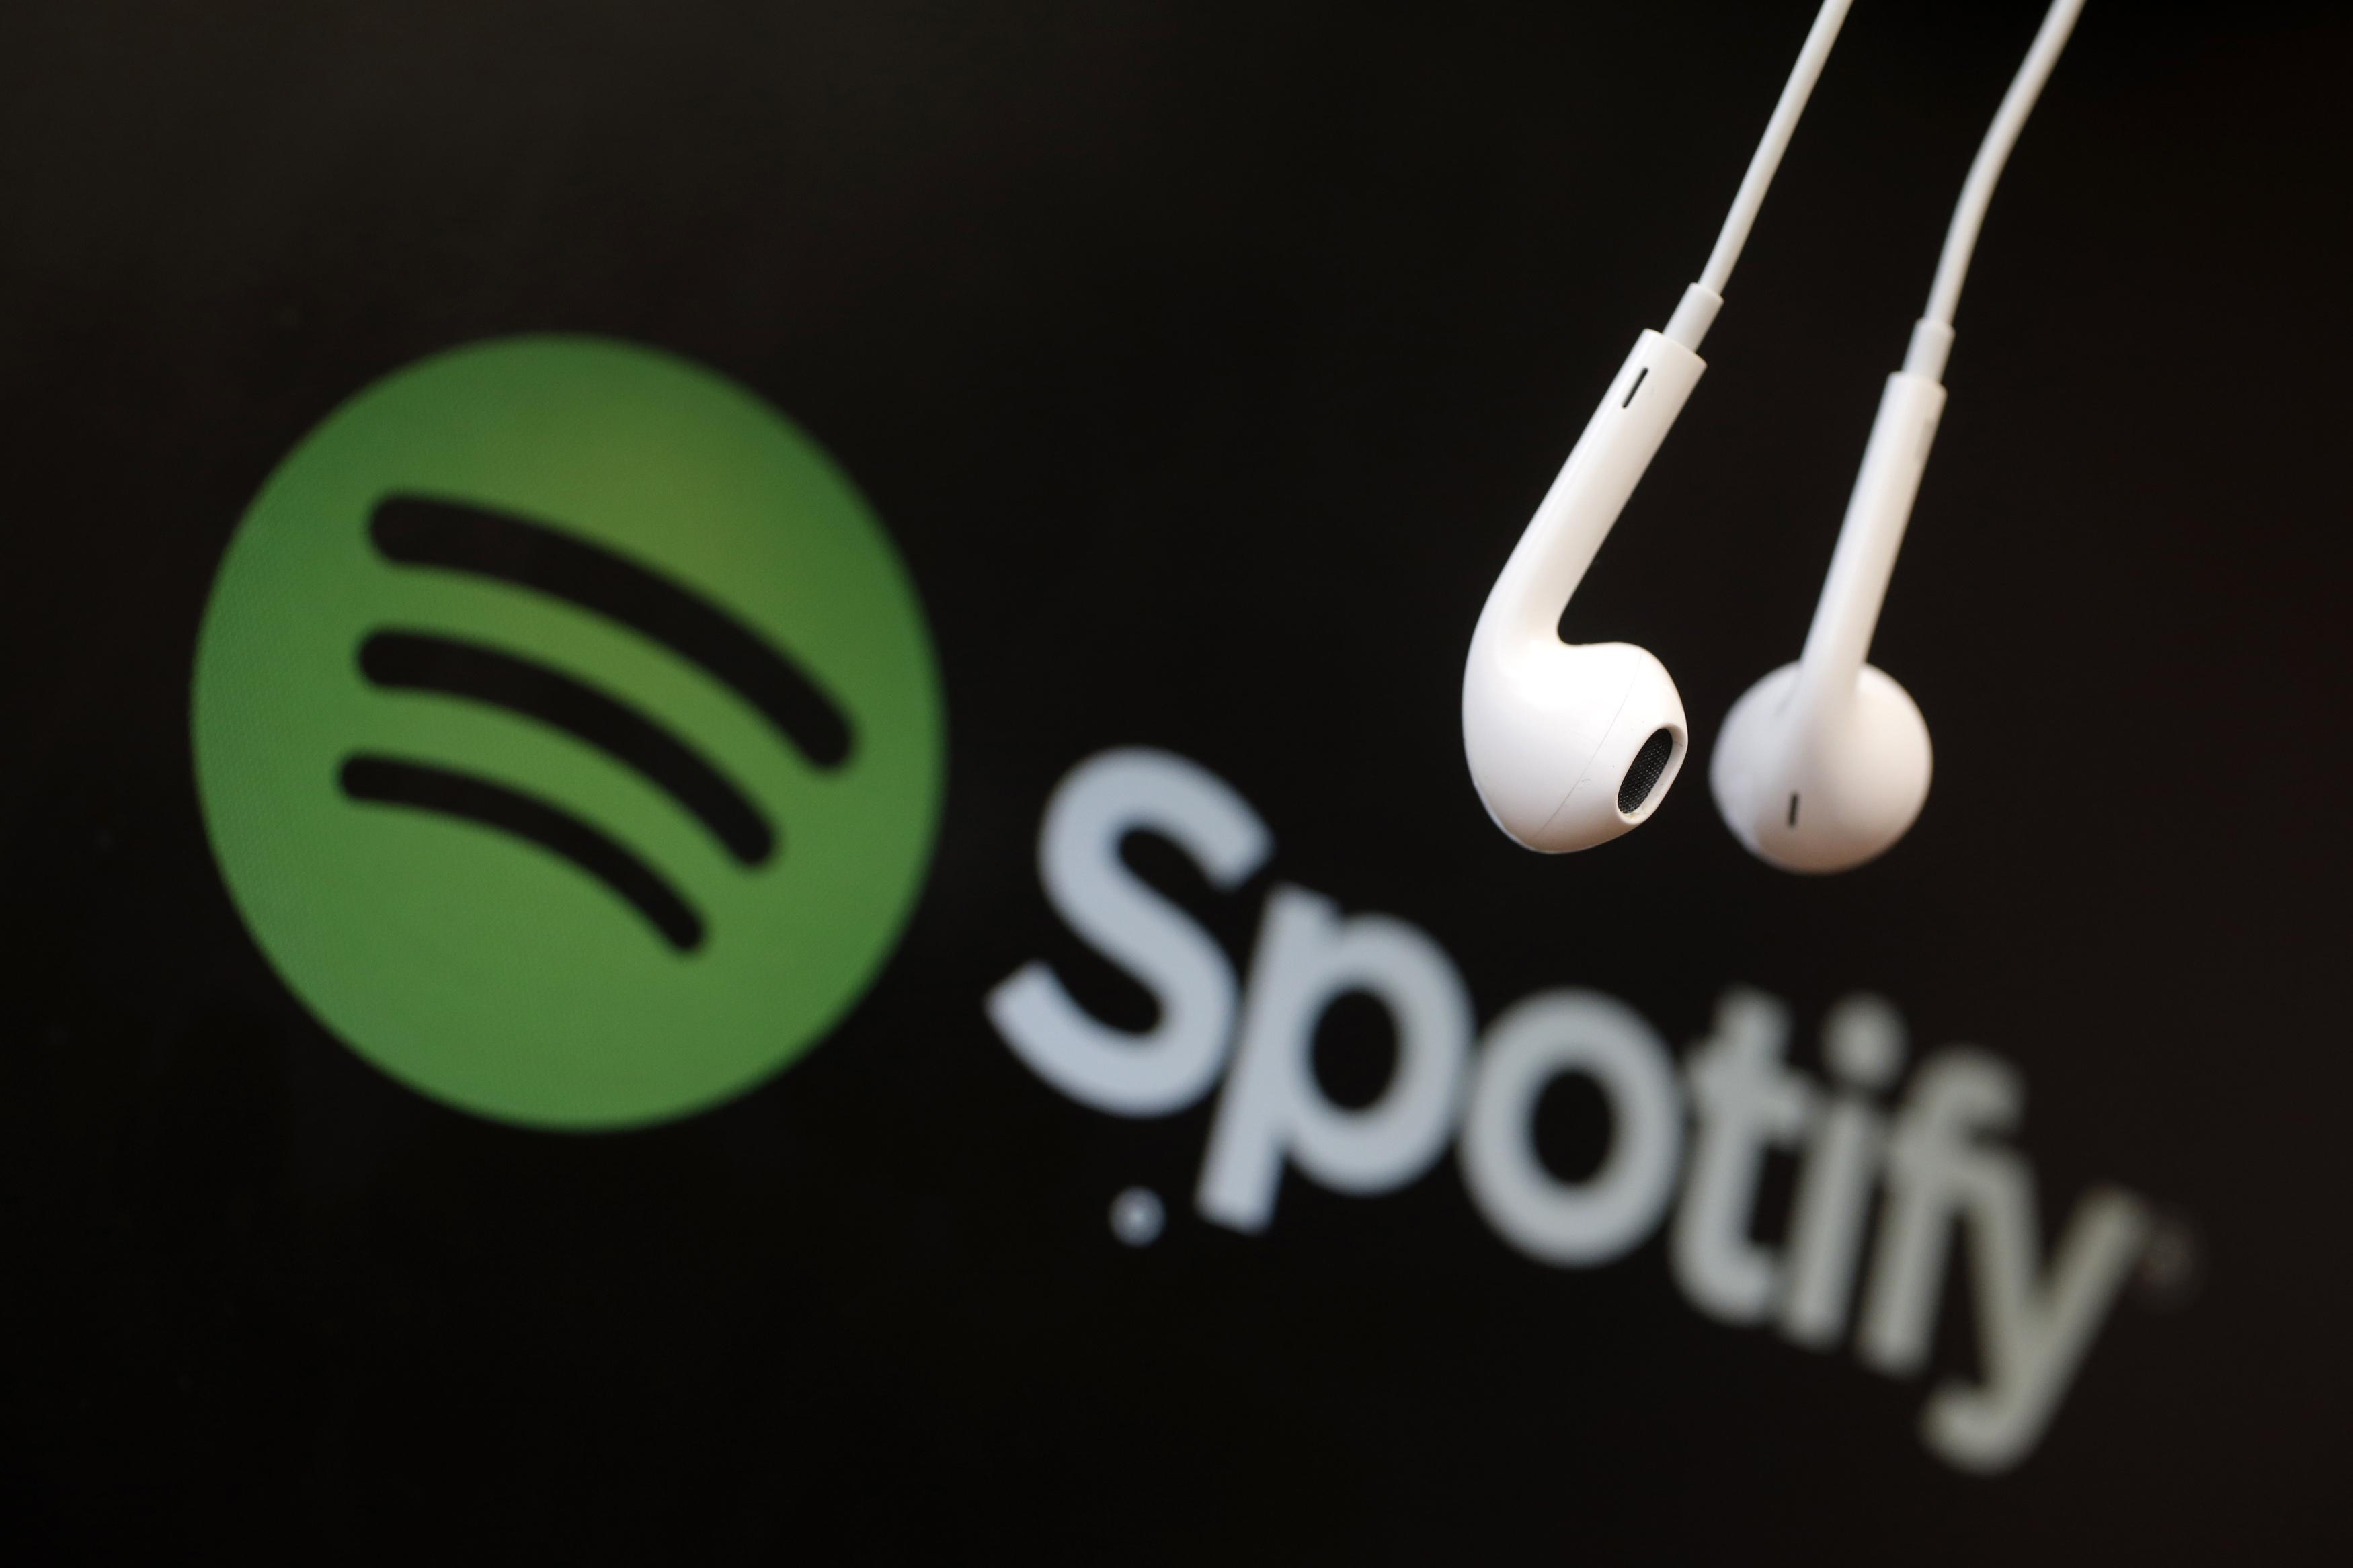 Spotify lanza una nueva plataforma multimedia para podcasts y audiolibros